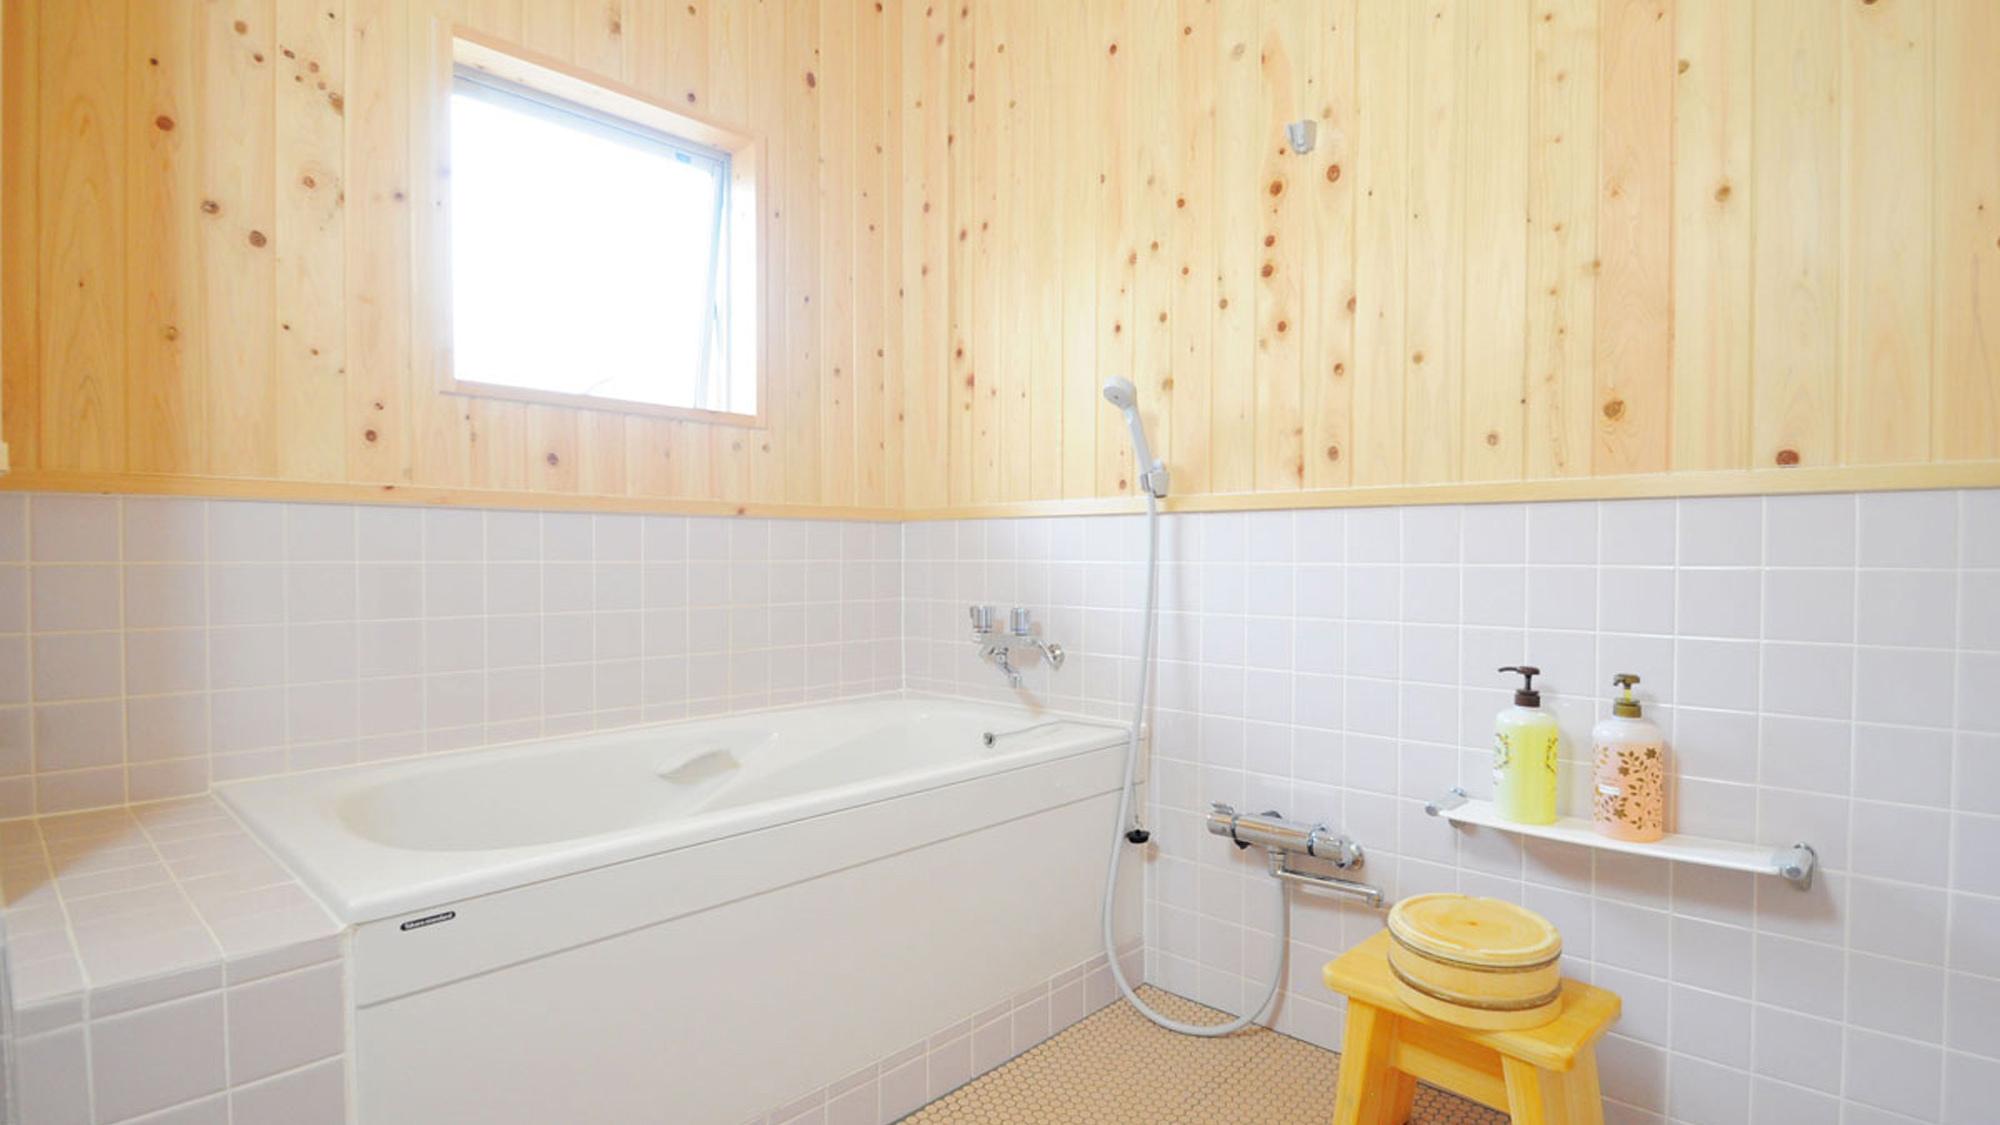 【本館-特別室】広めの浴槽があり、ゆったり浸かることができます♪